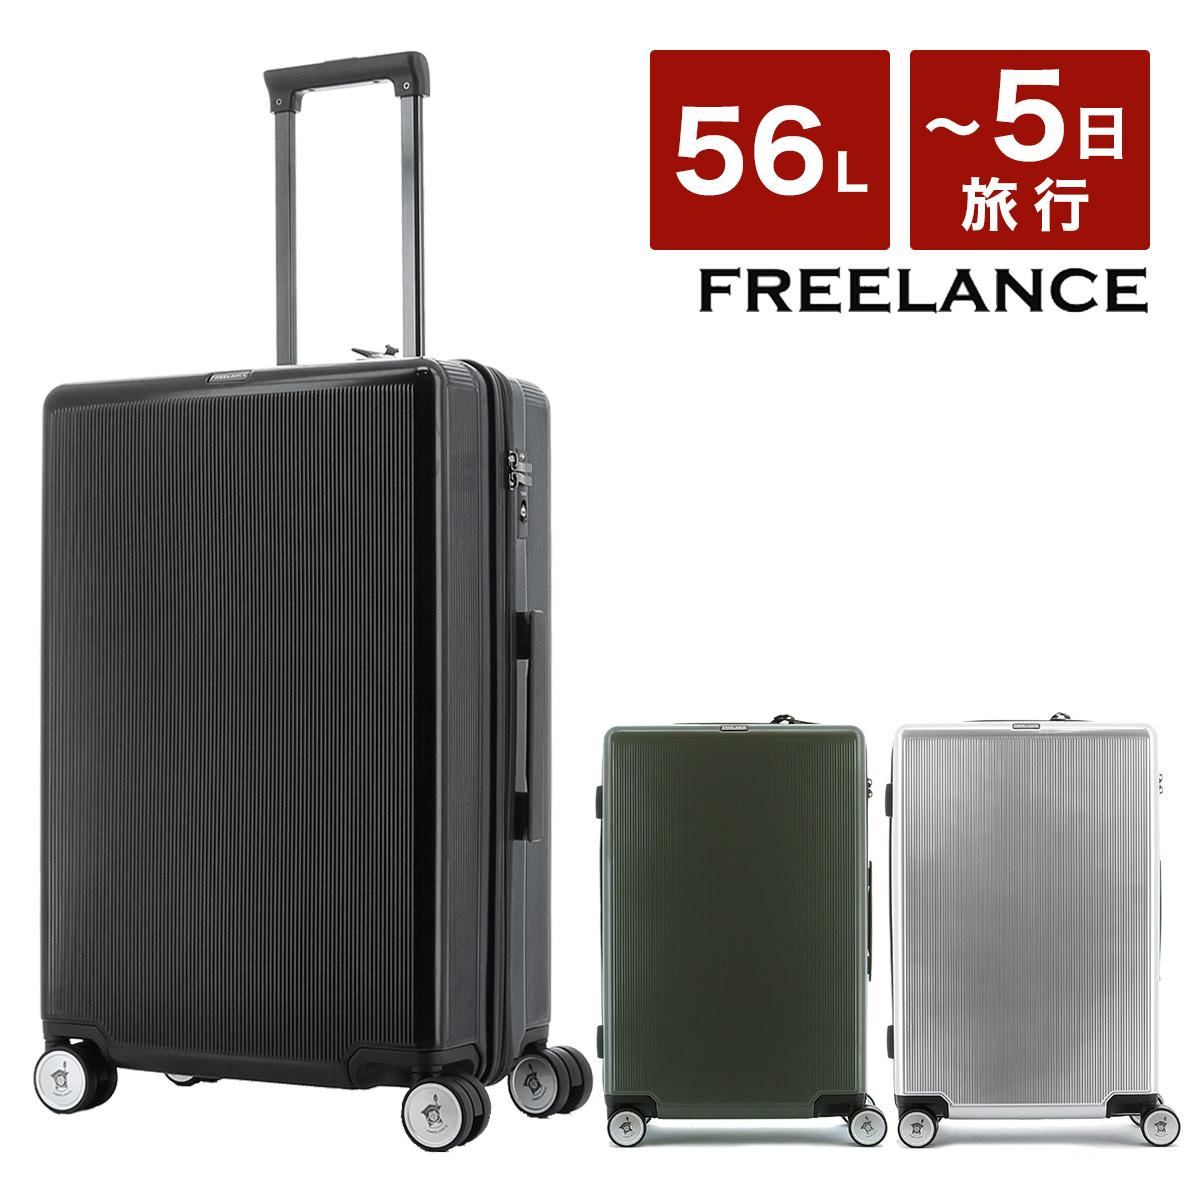 フリーランス スーツケース|56L 61.5cm 3.8kg FLT-004|軽量 ハード ファスナー TSAロック搭載 FREELANCE [PO5][bef][即日発送]